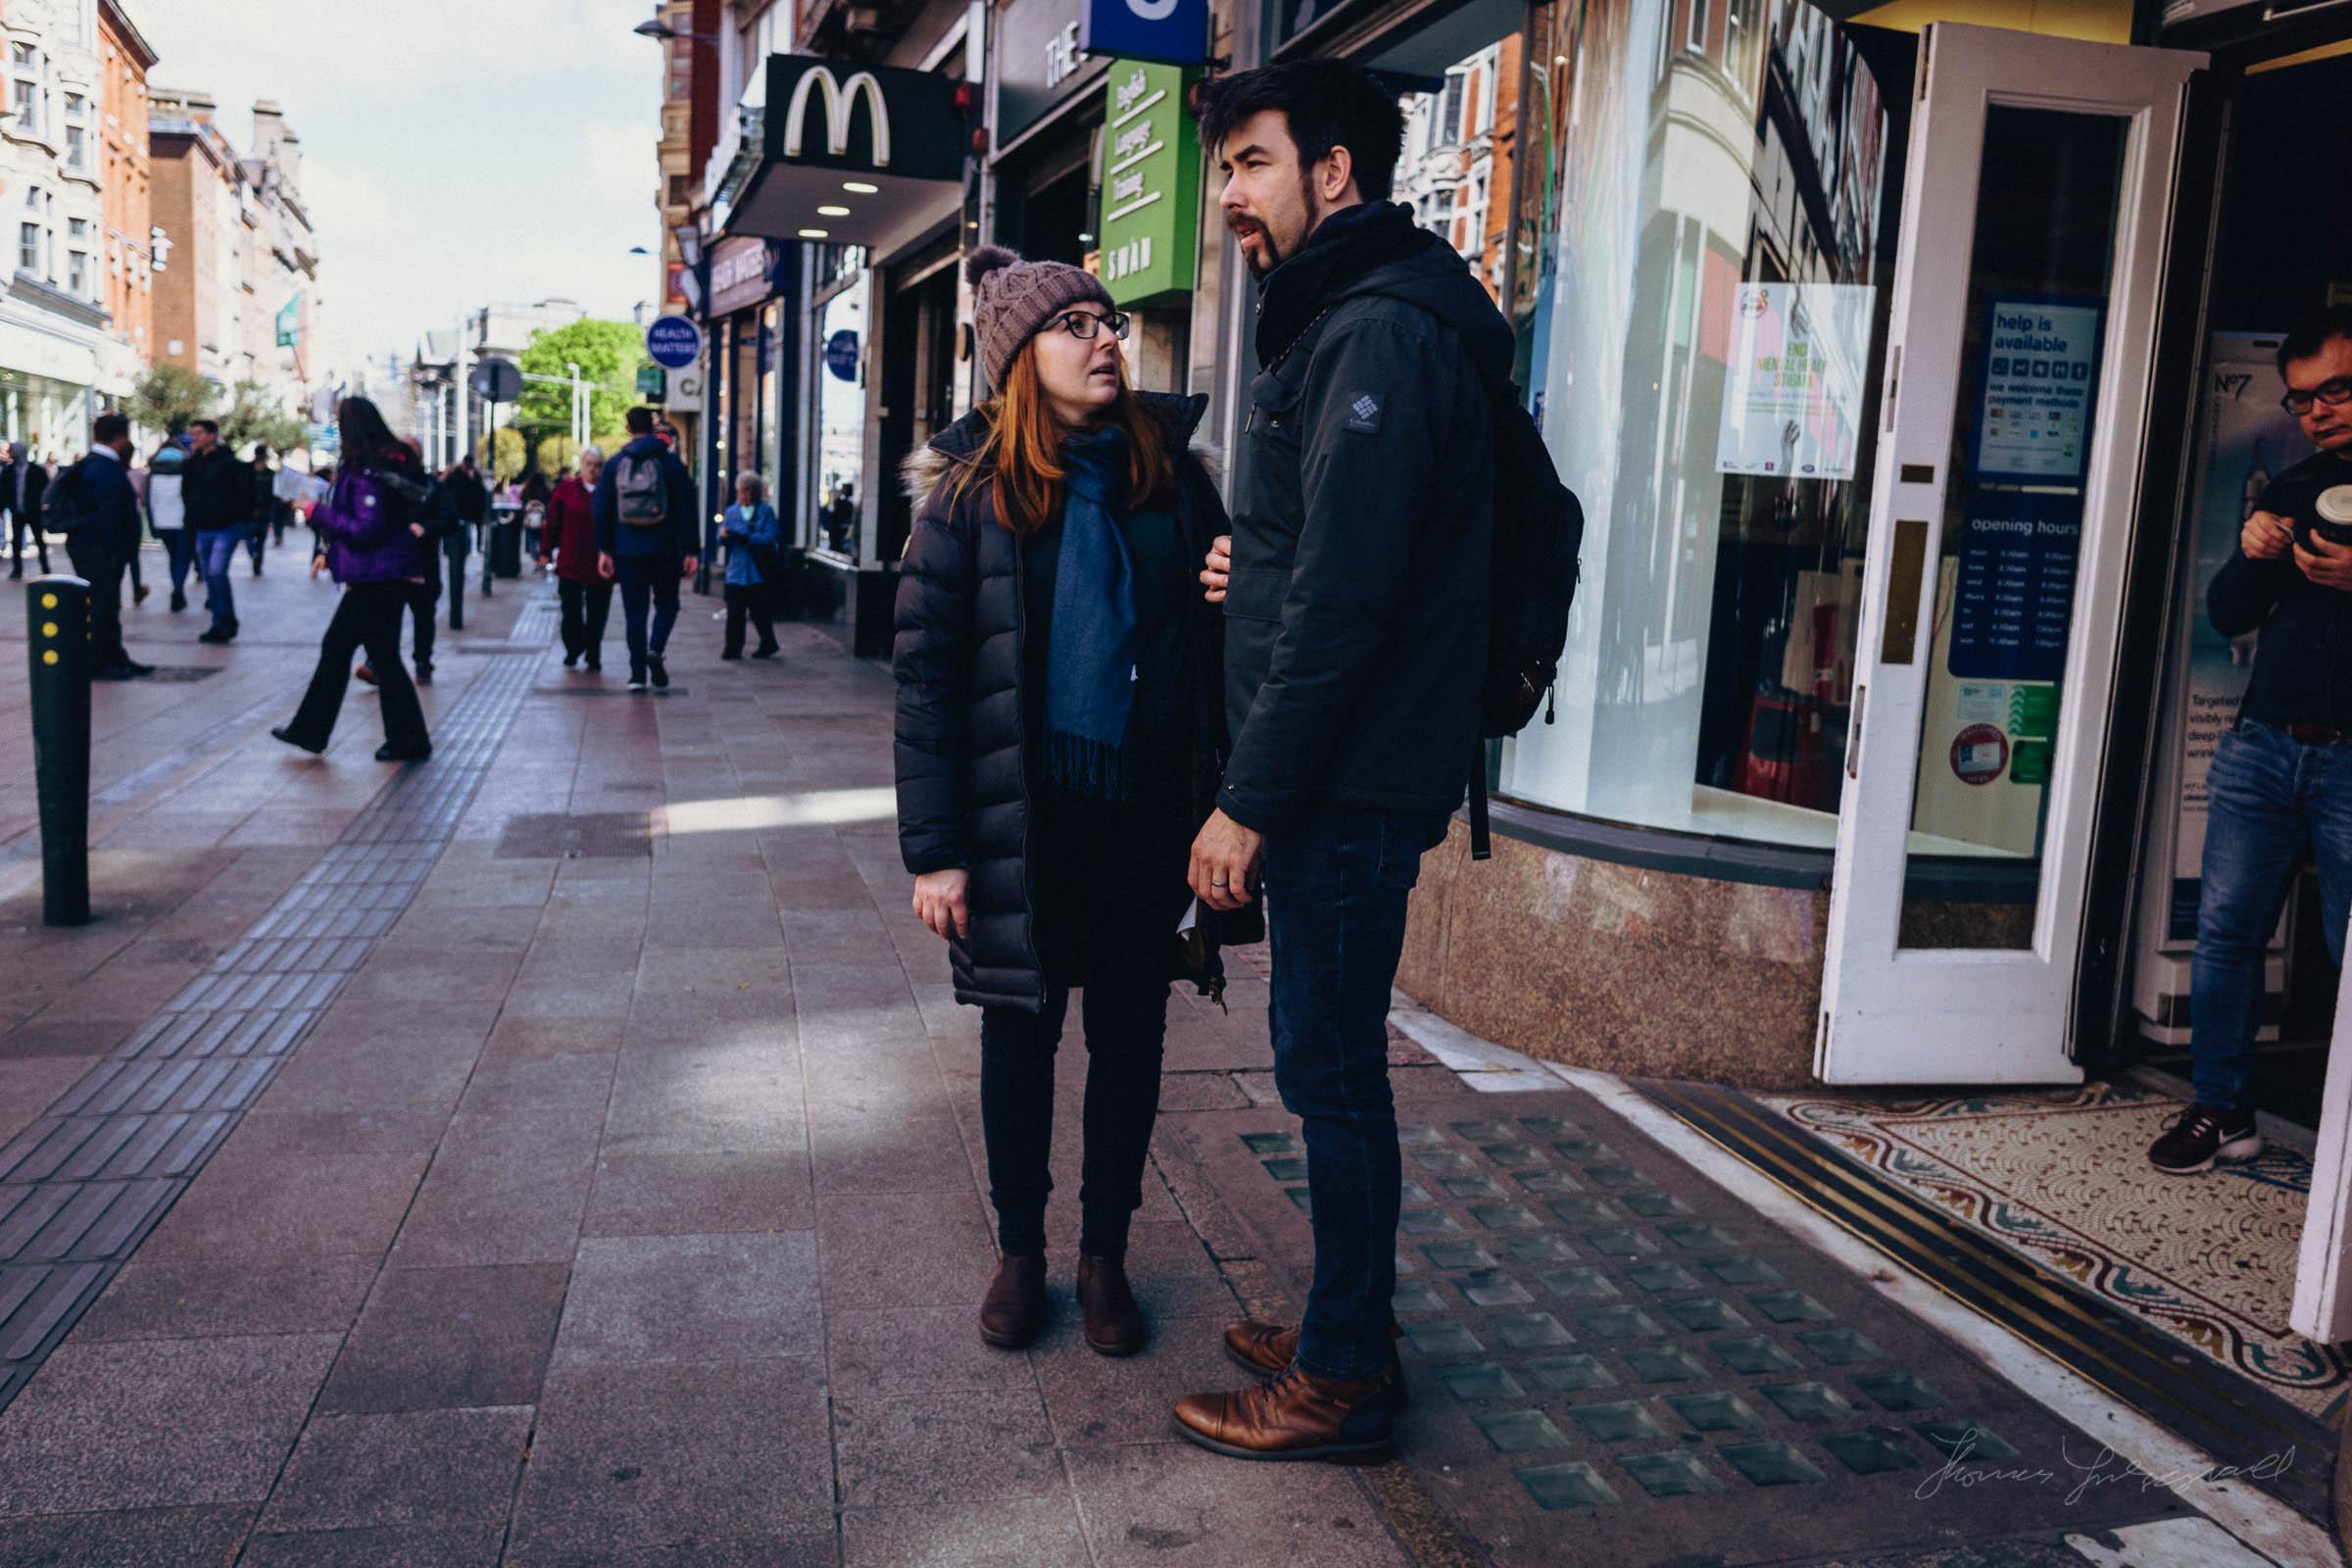 People on Dublin's Grafton Street